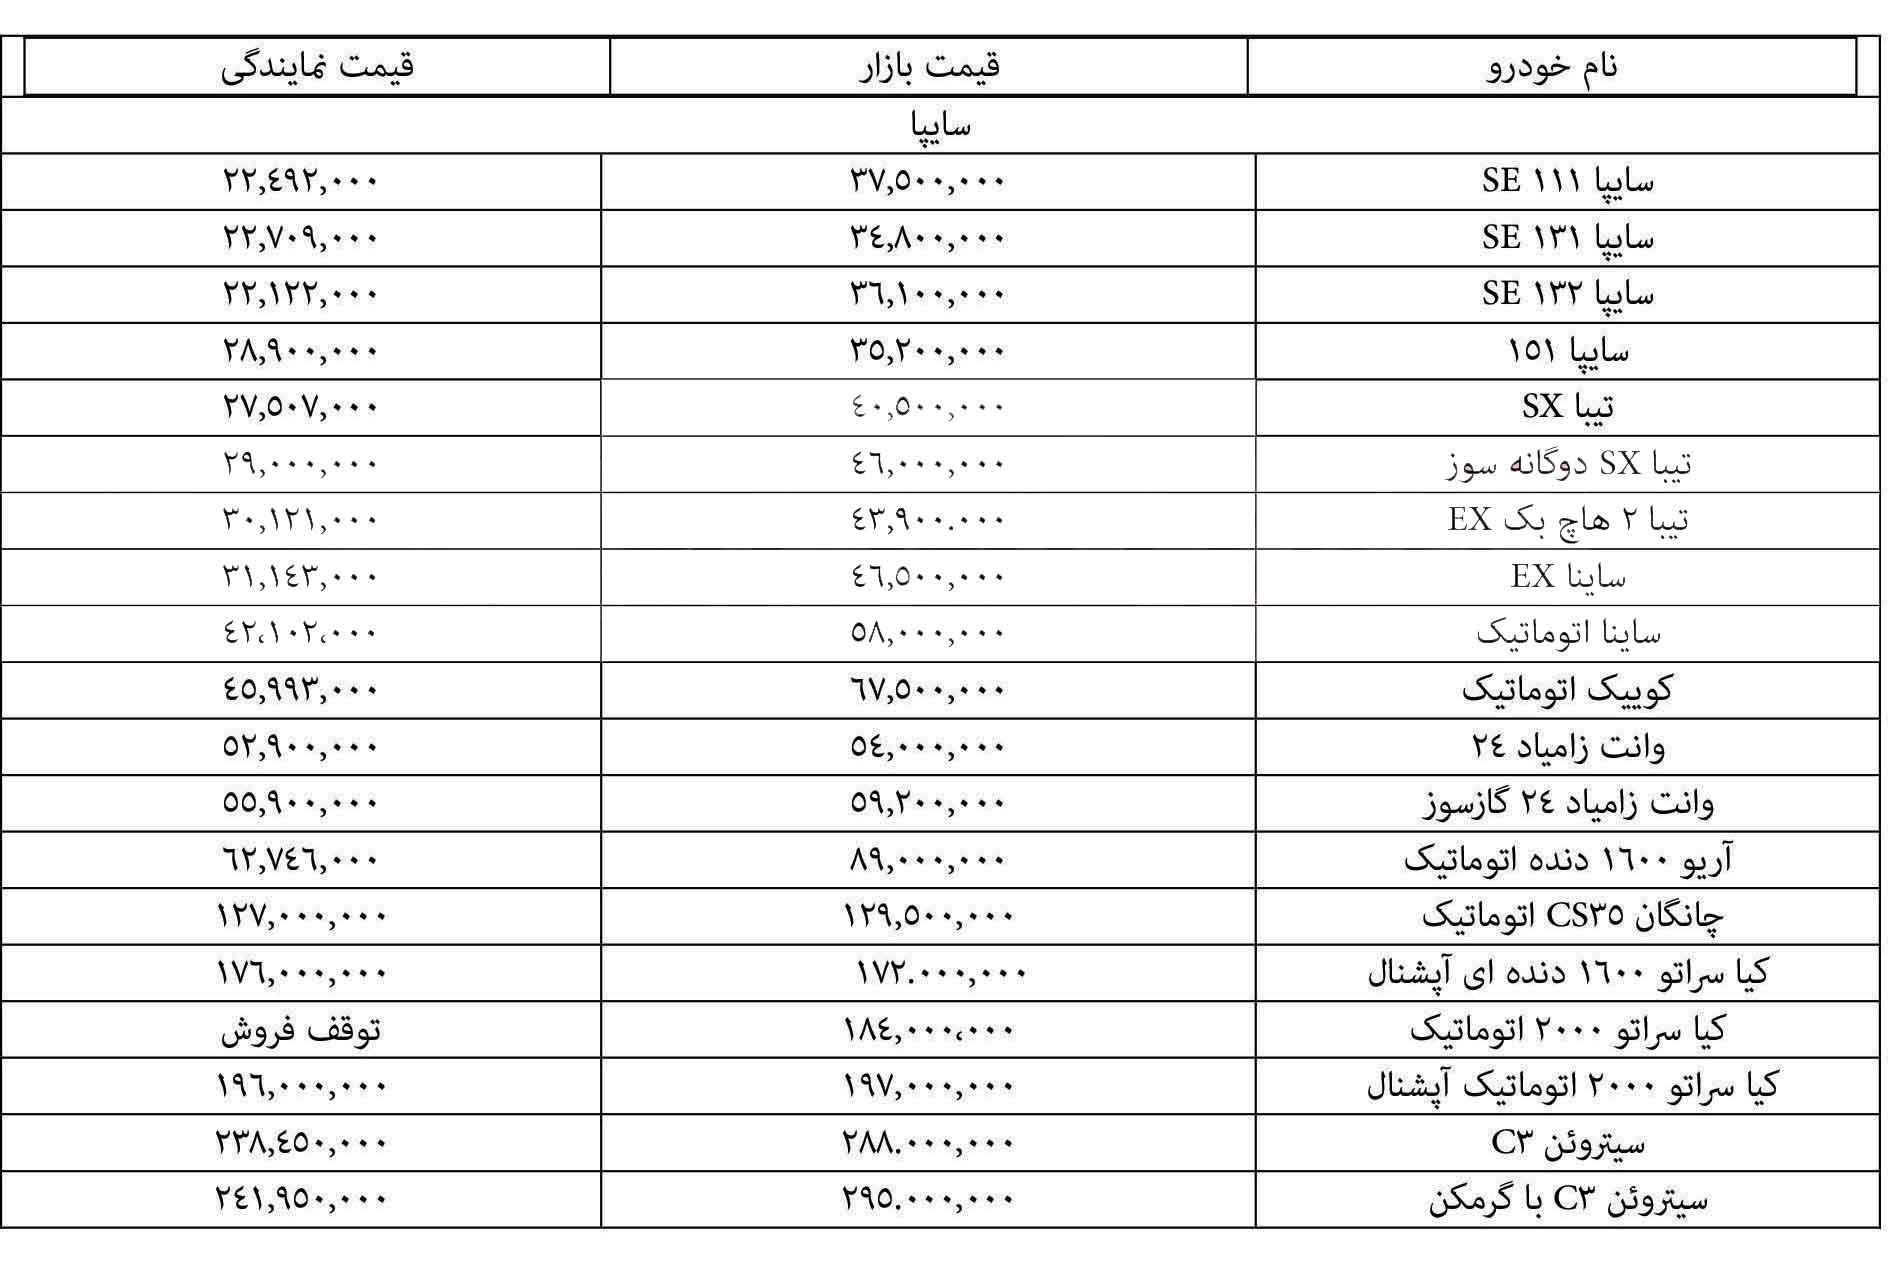 قیمت محصولات سایپا ۲۲ دی ماه